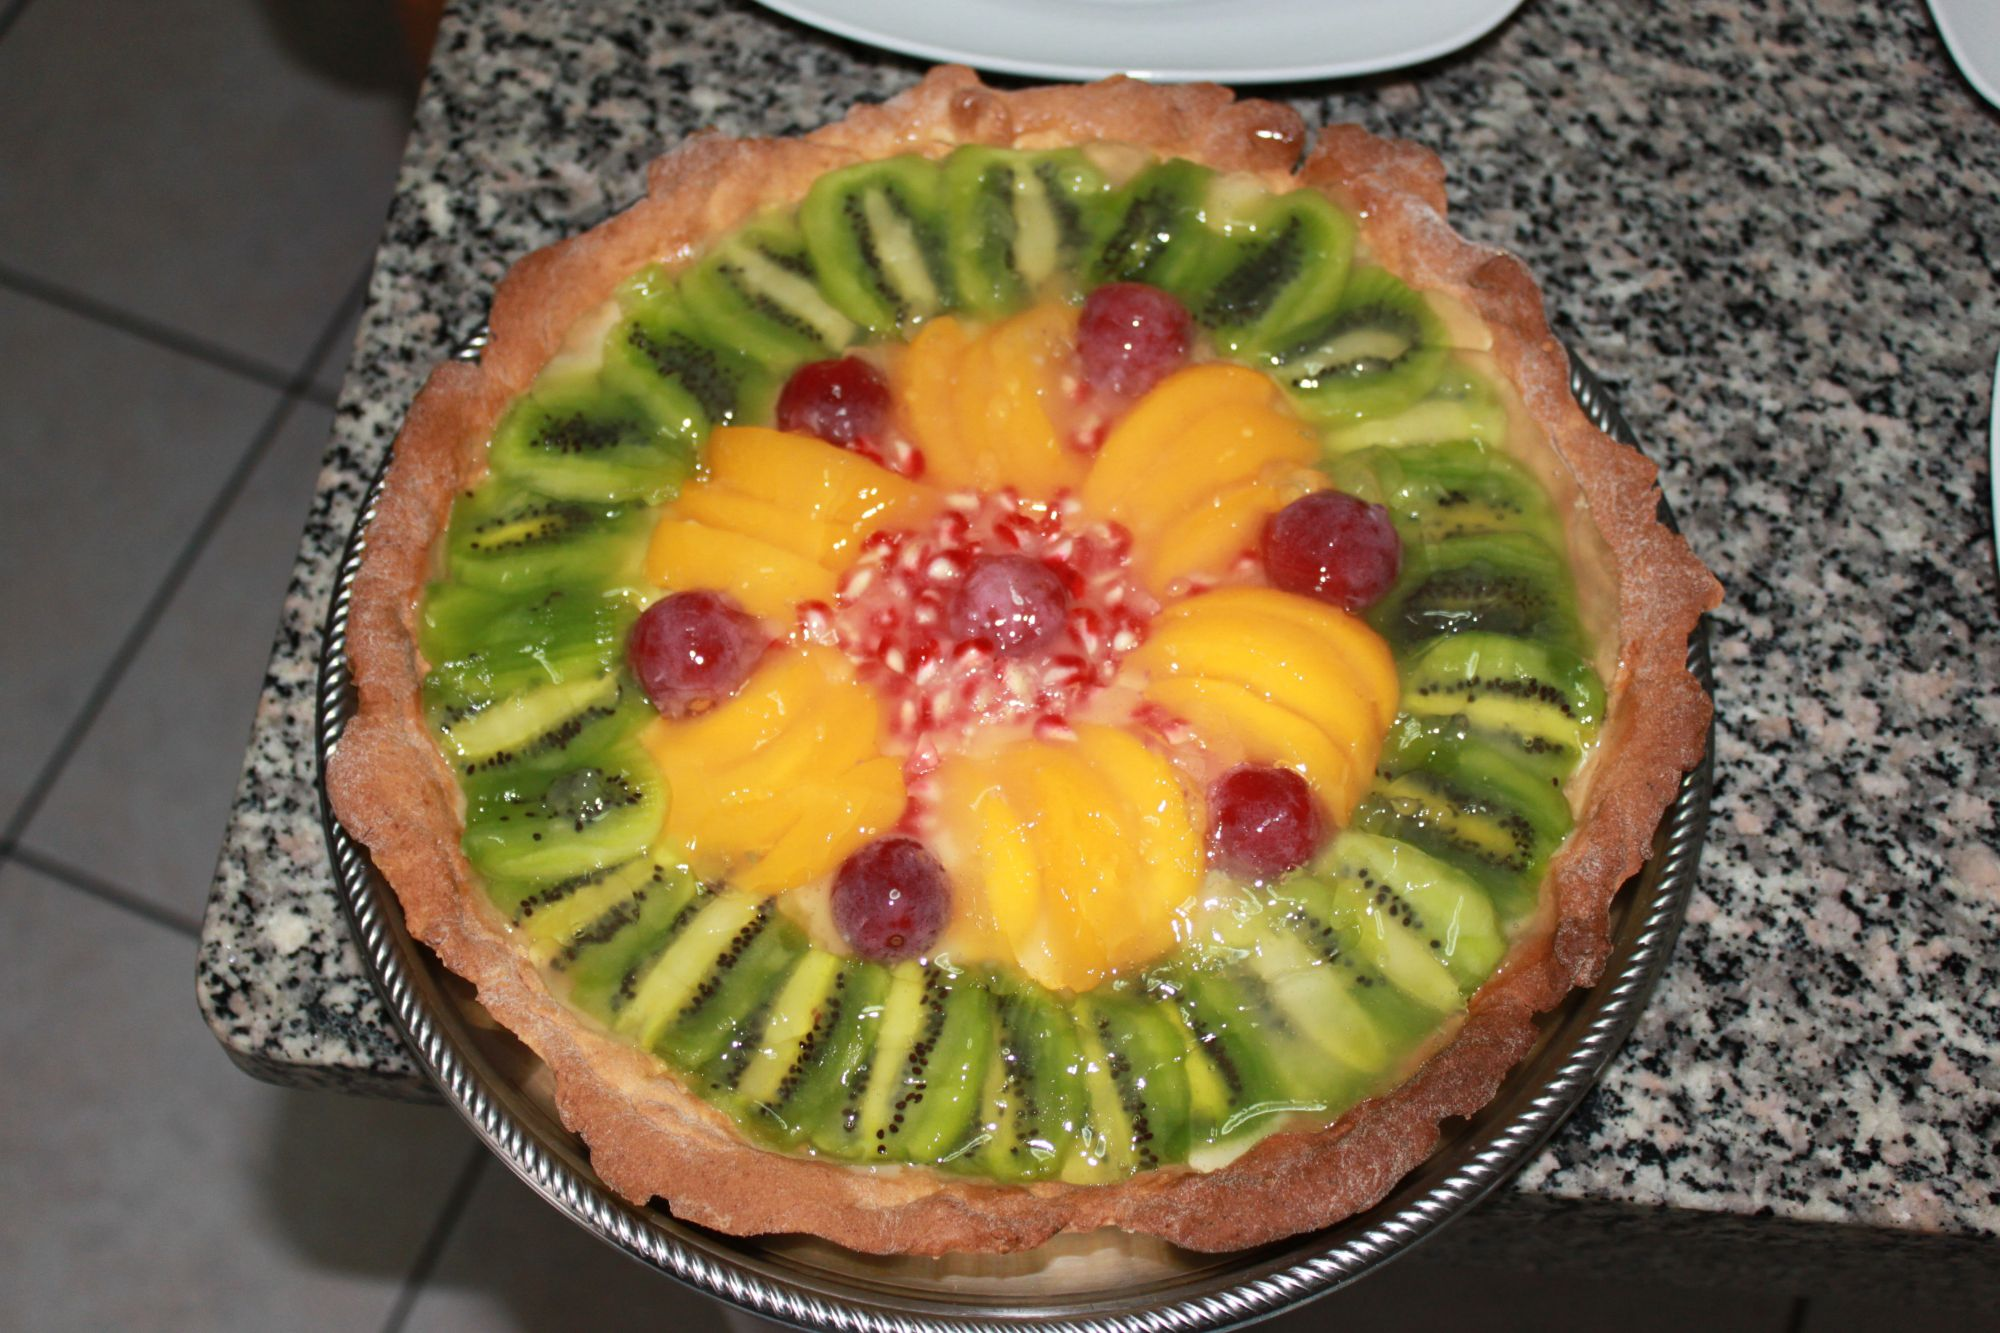 crostata di frutta mista 4 5